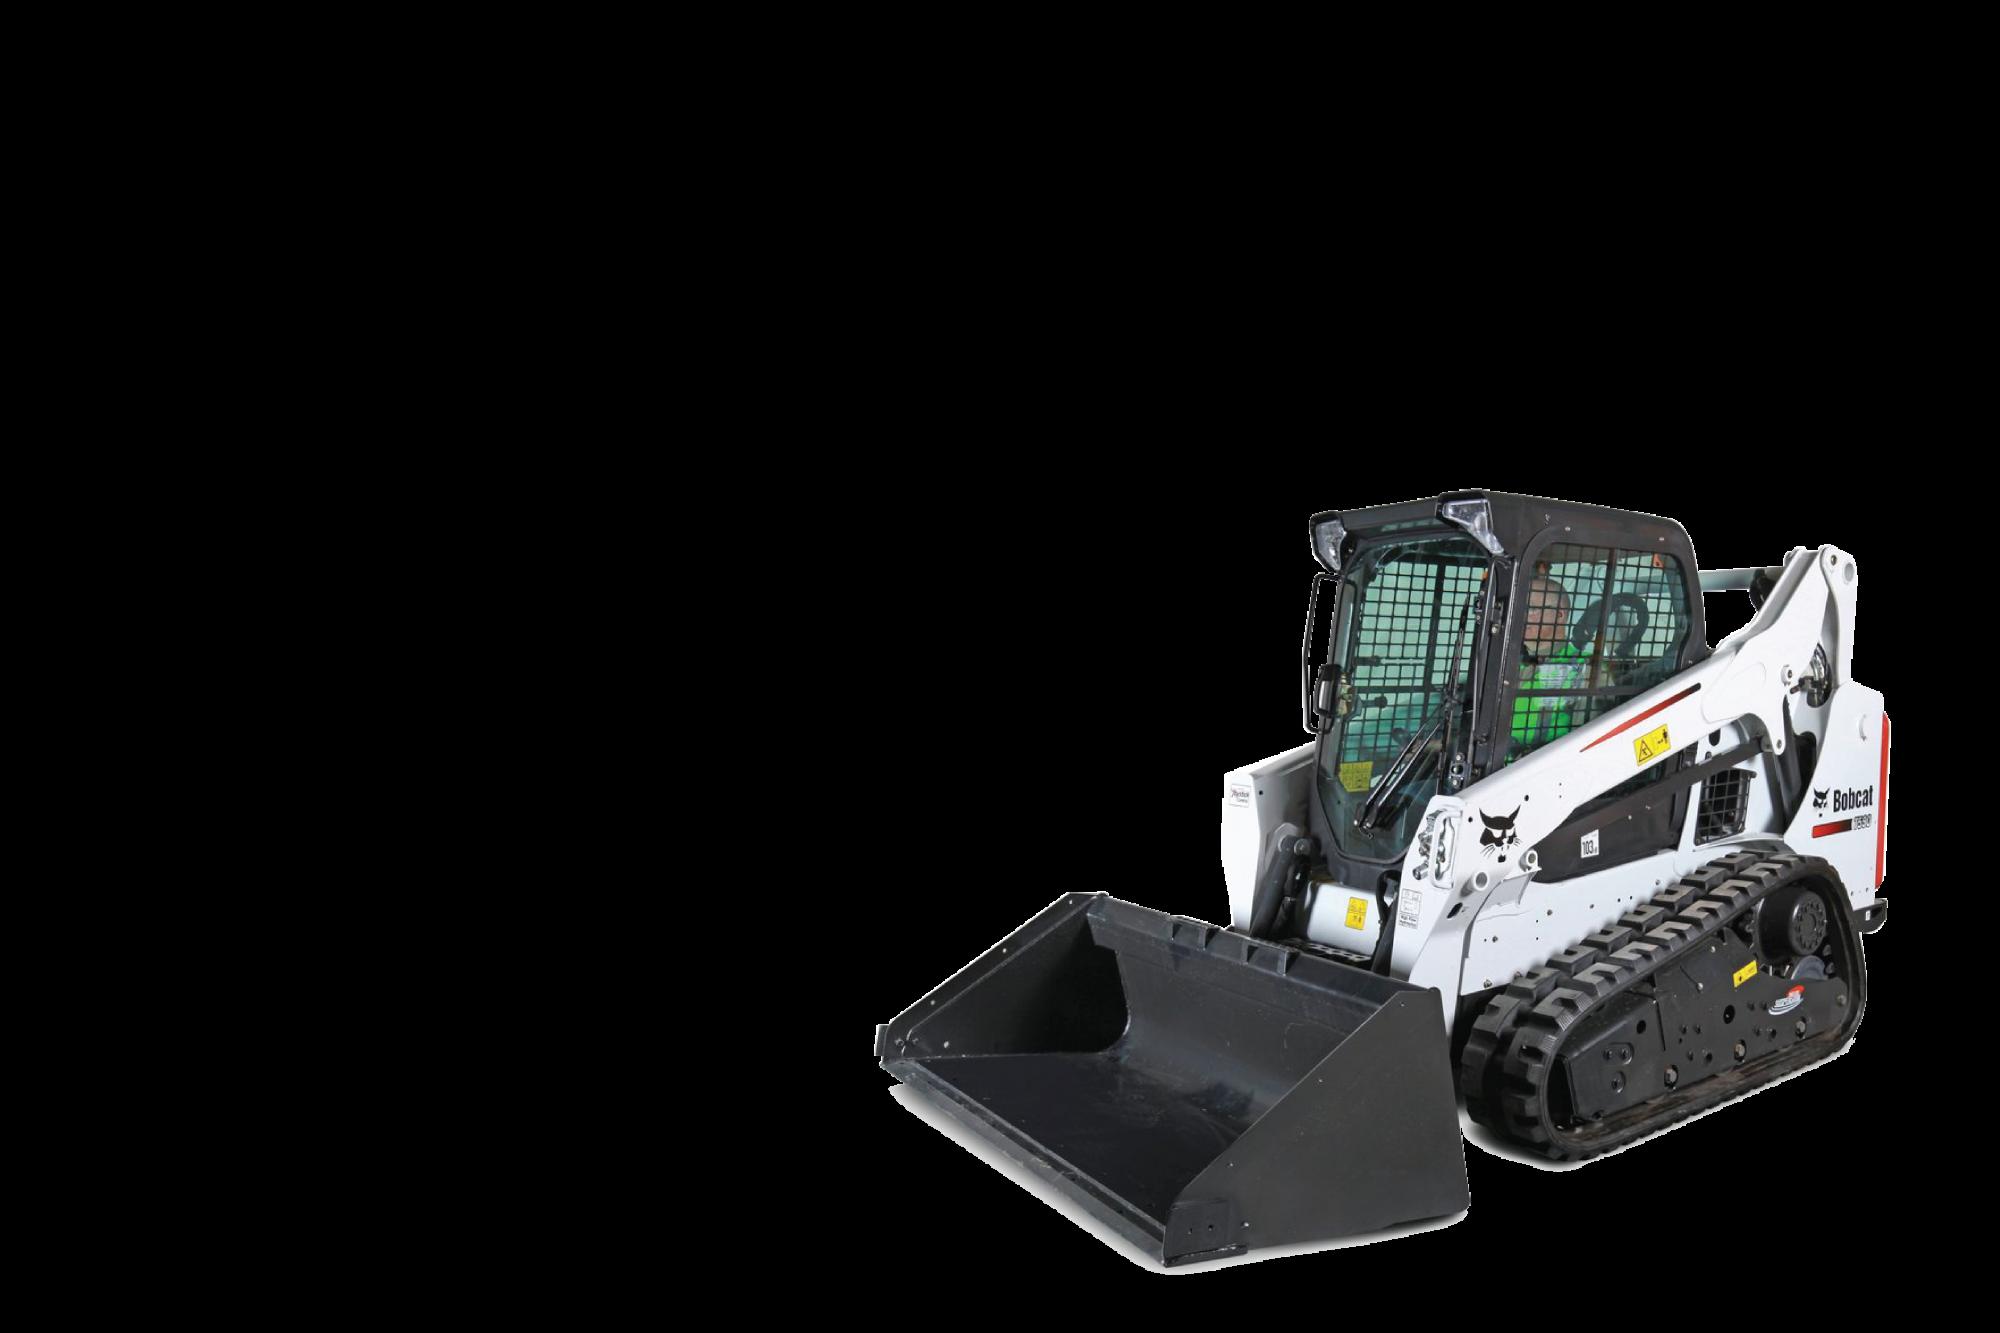 BOBCAT T590 - Italthai Industrial